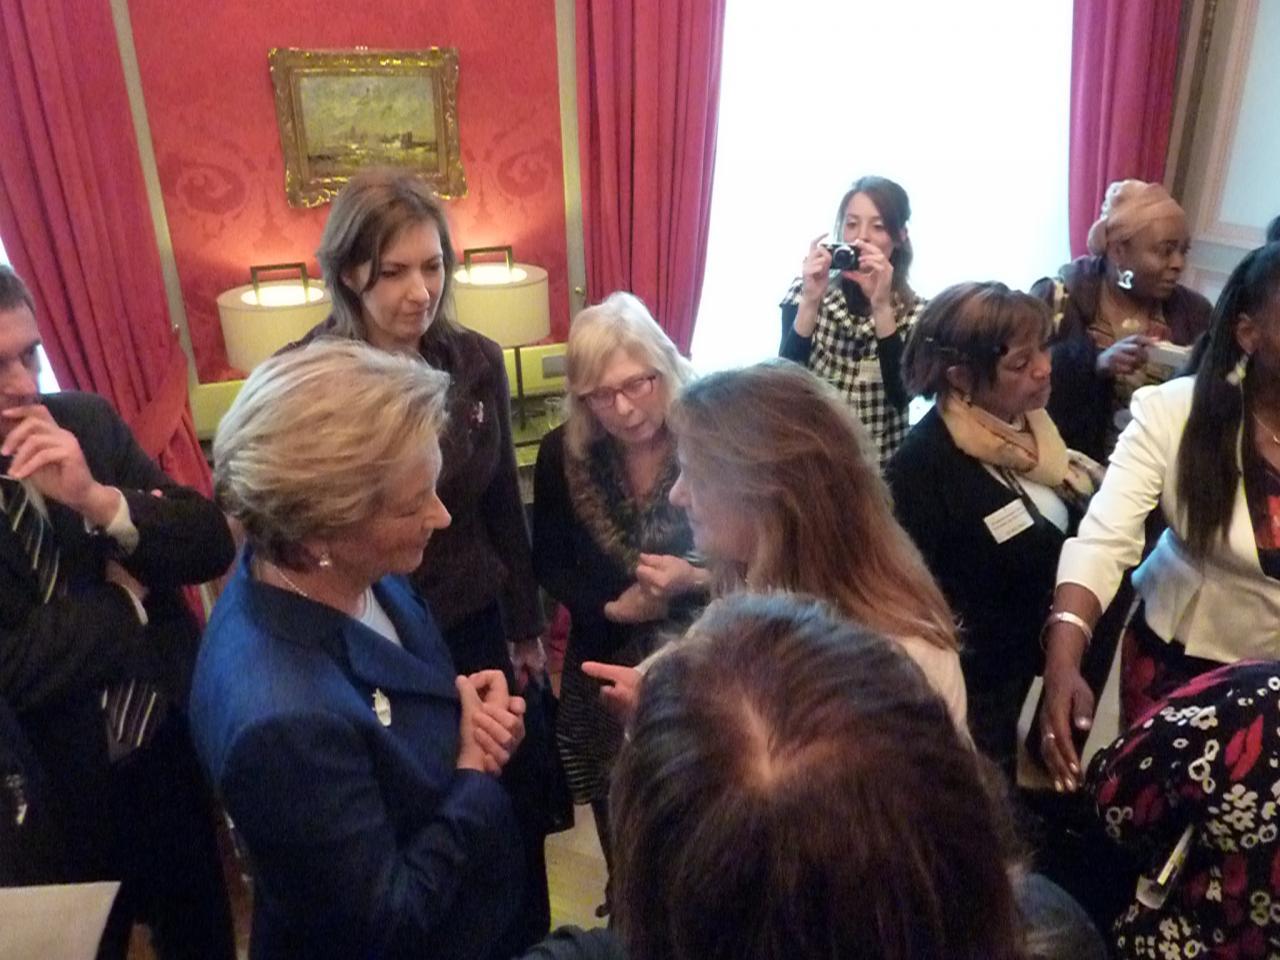 Avec la Reine Paola, à l'occasion de l'hommage aux femmes de paix.